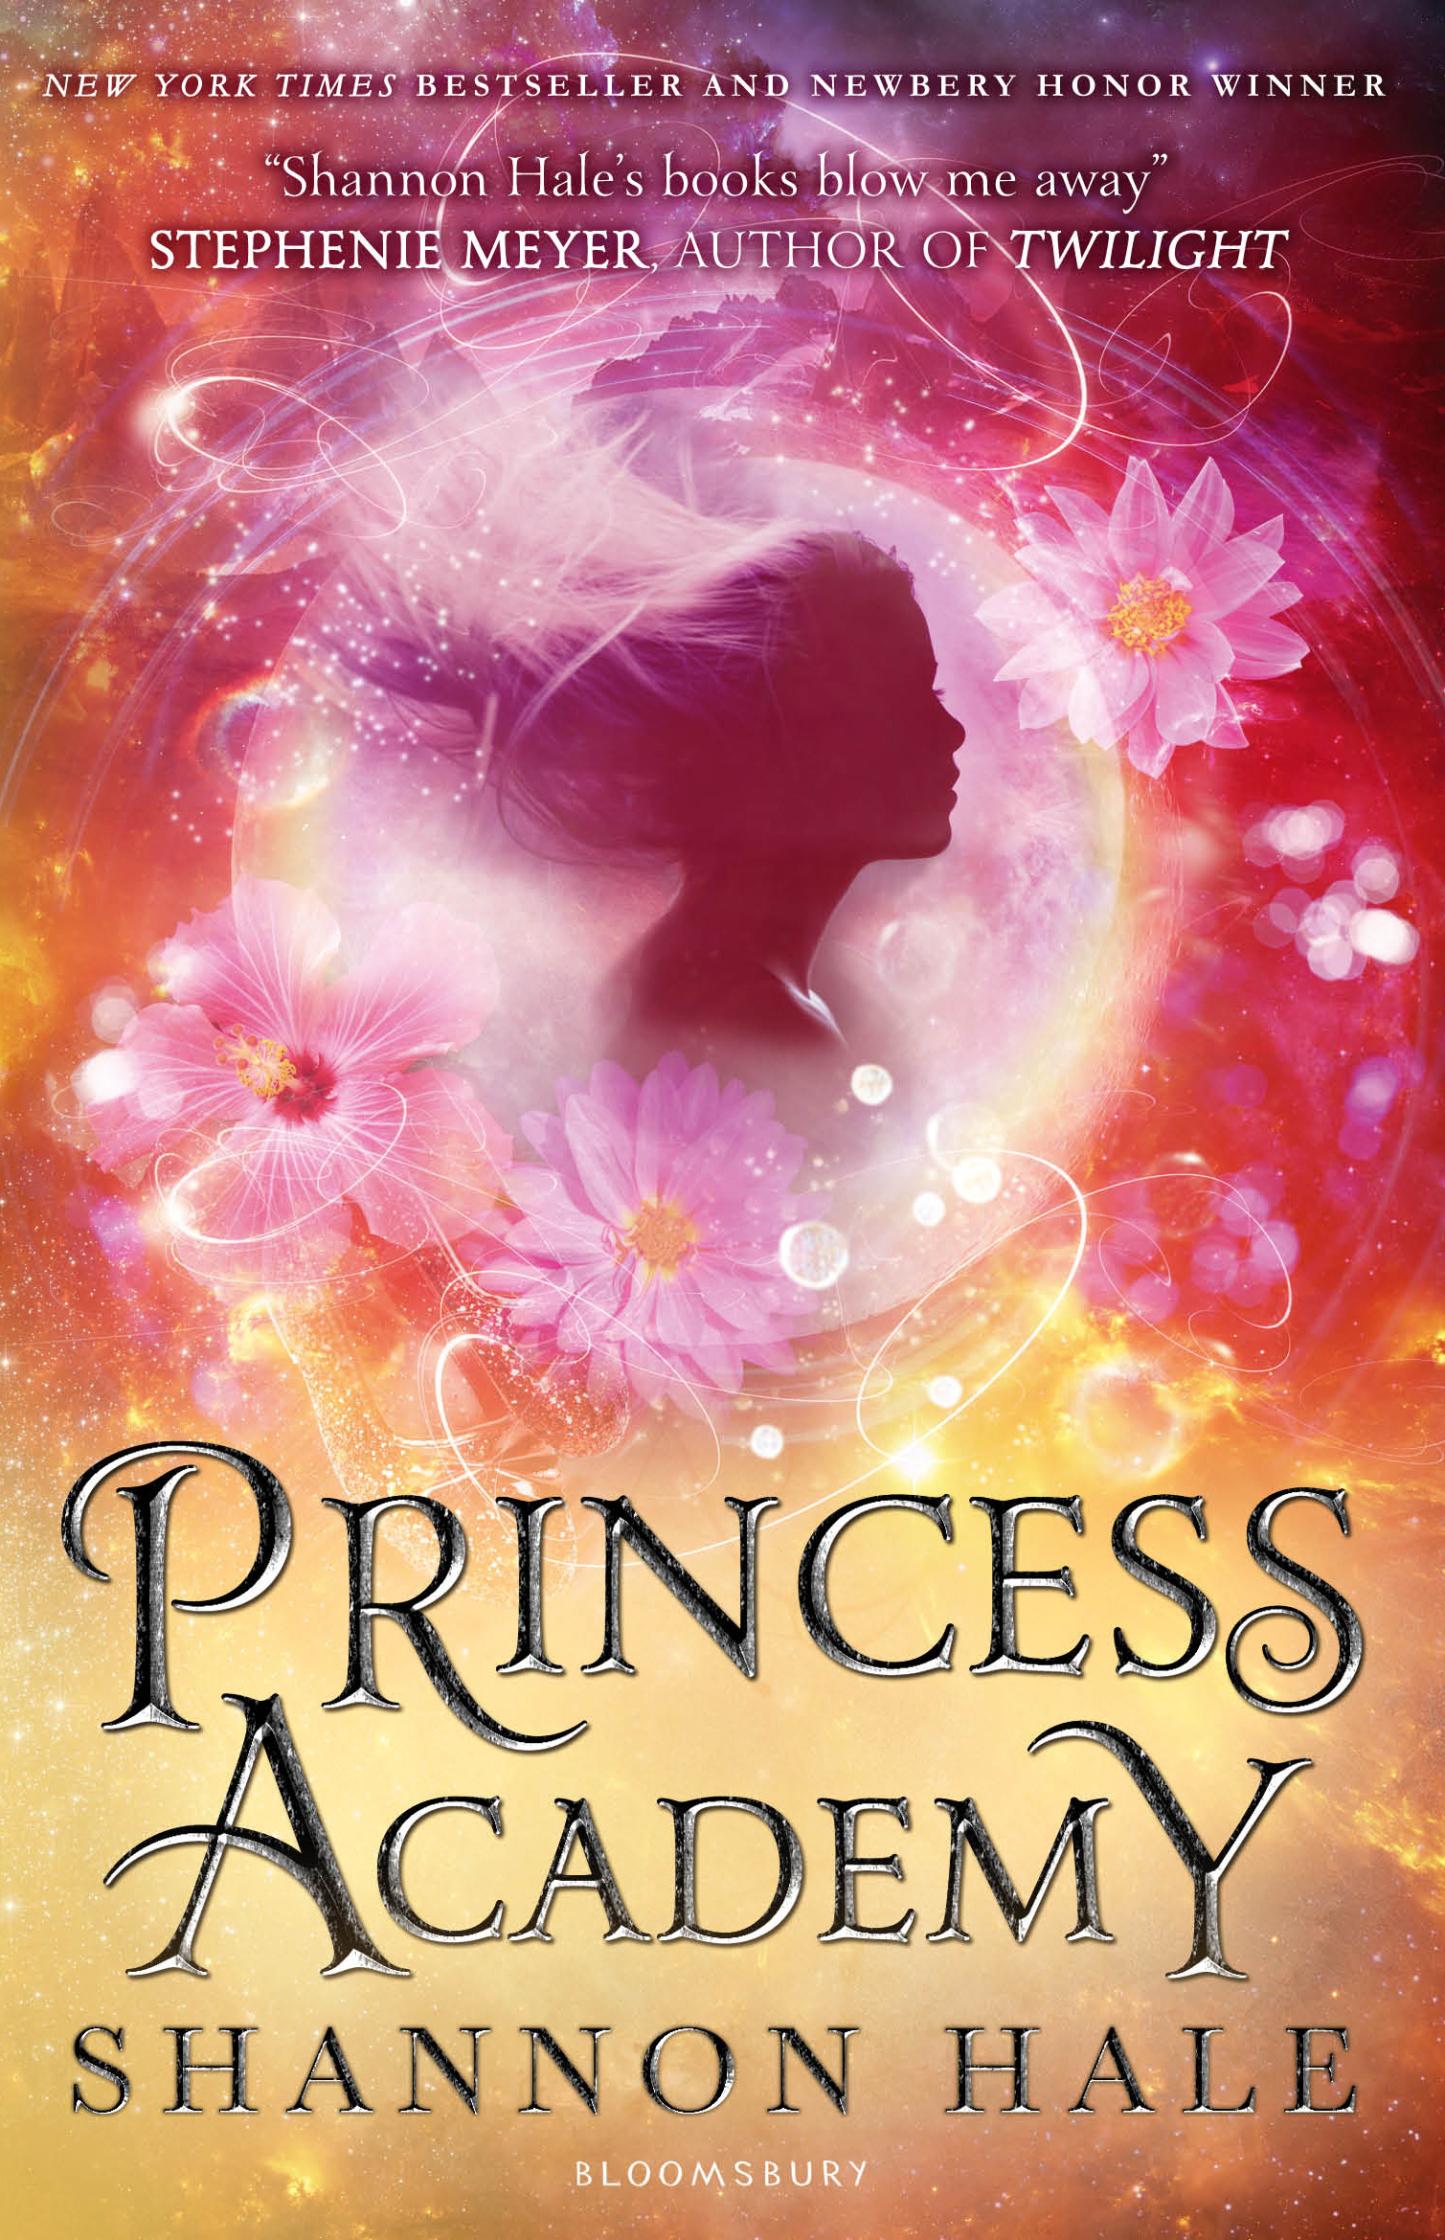 Princes Academy / Bloomsbury